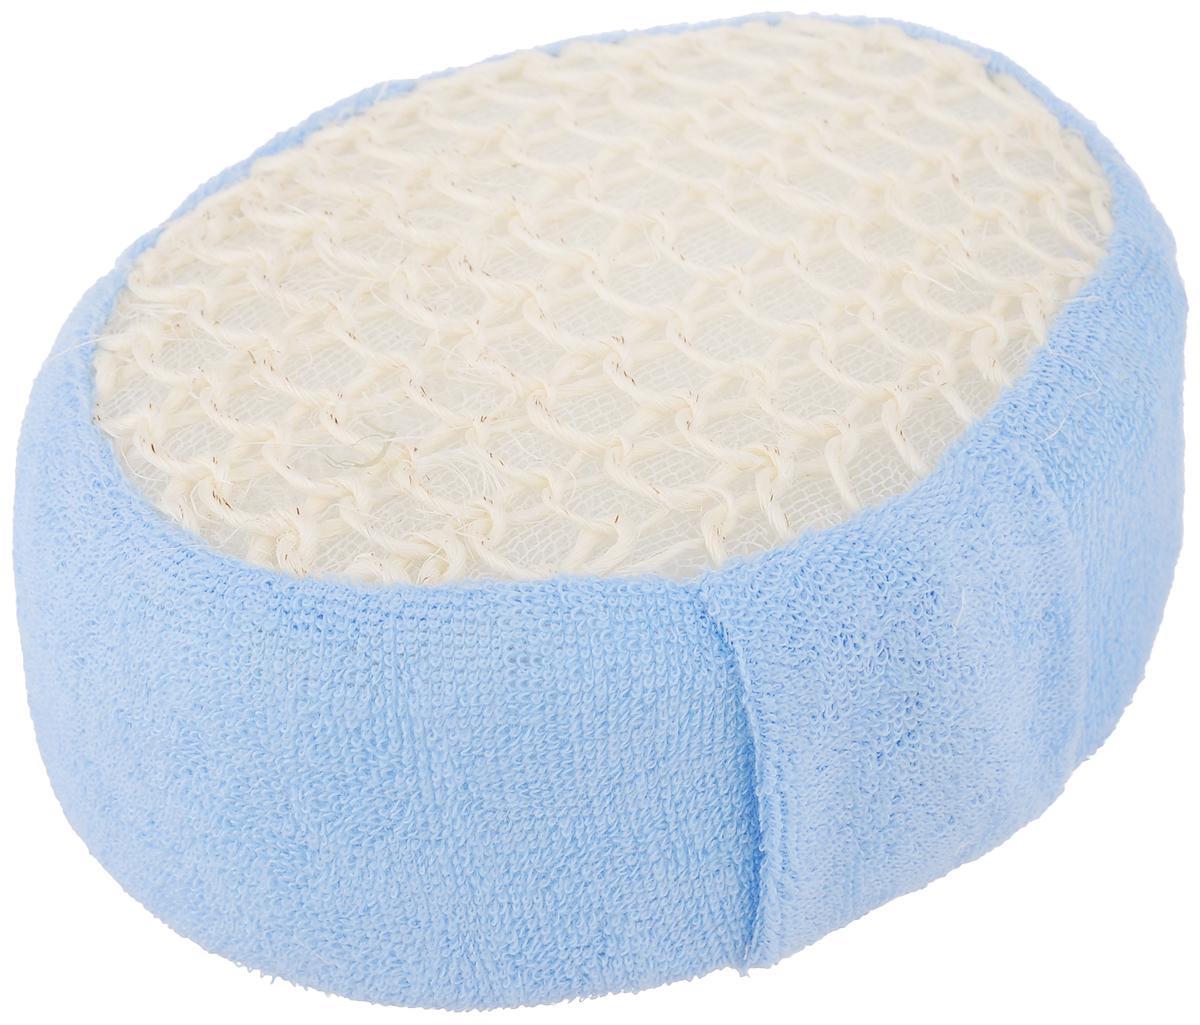 Мочалка Банные штучки, из сизаля и хлопка, цвет: голубойSW 280Натуральная мочалка Банные штучки выполнена из волокна мексиканской агавы - сизаля. Предназначена для интенсивного, антицеллюлитного массажа, обладает эффектом скраба. Обратная сторона мочалки изготовлена из нежного хлопка, бережно очищающего кожу. Идеально подходит для людей, склонных к аллергии, так как не требует использования мыла. Рекомендуется предварительно запарить.